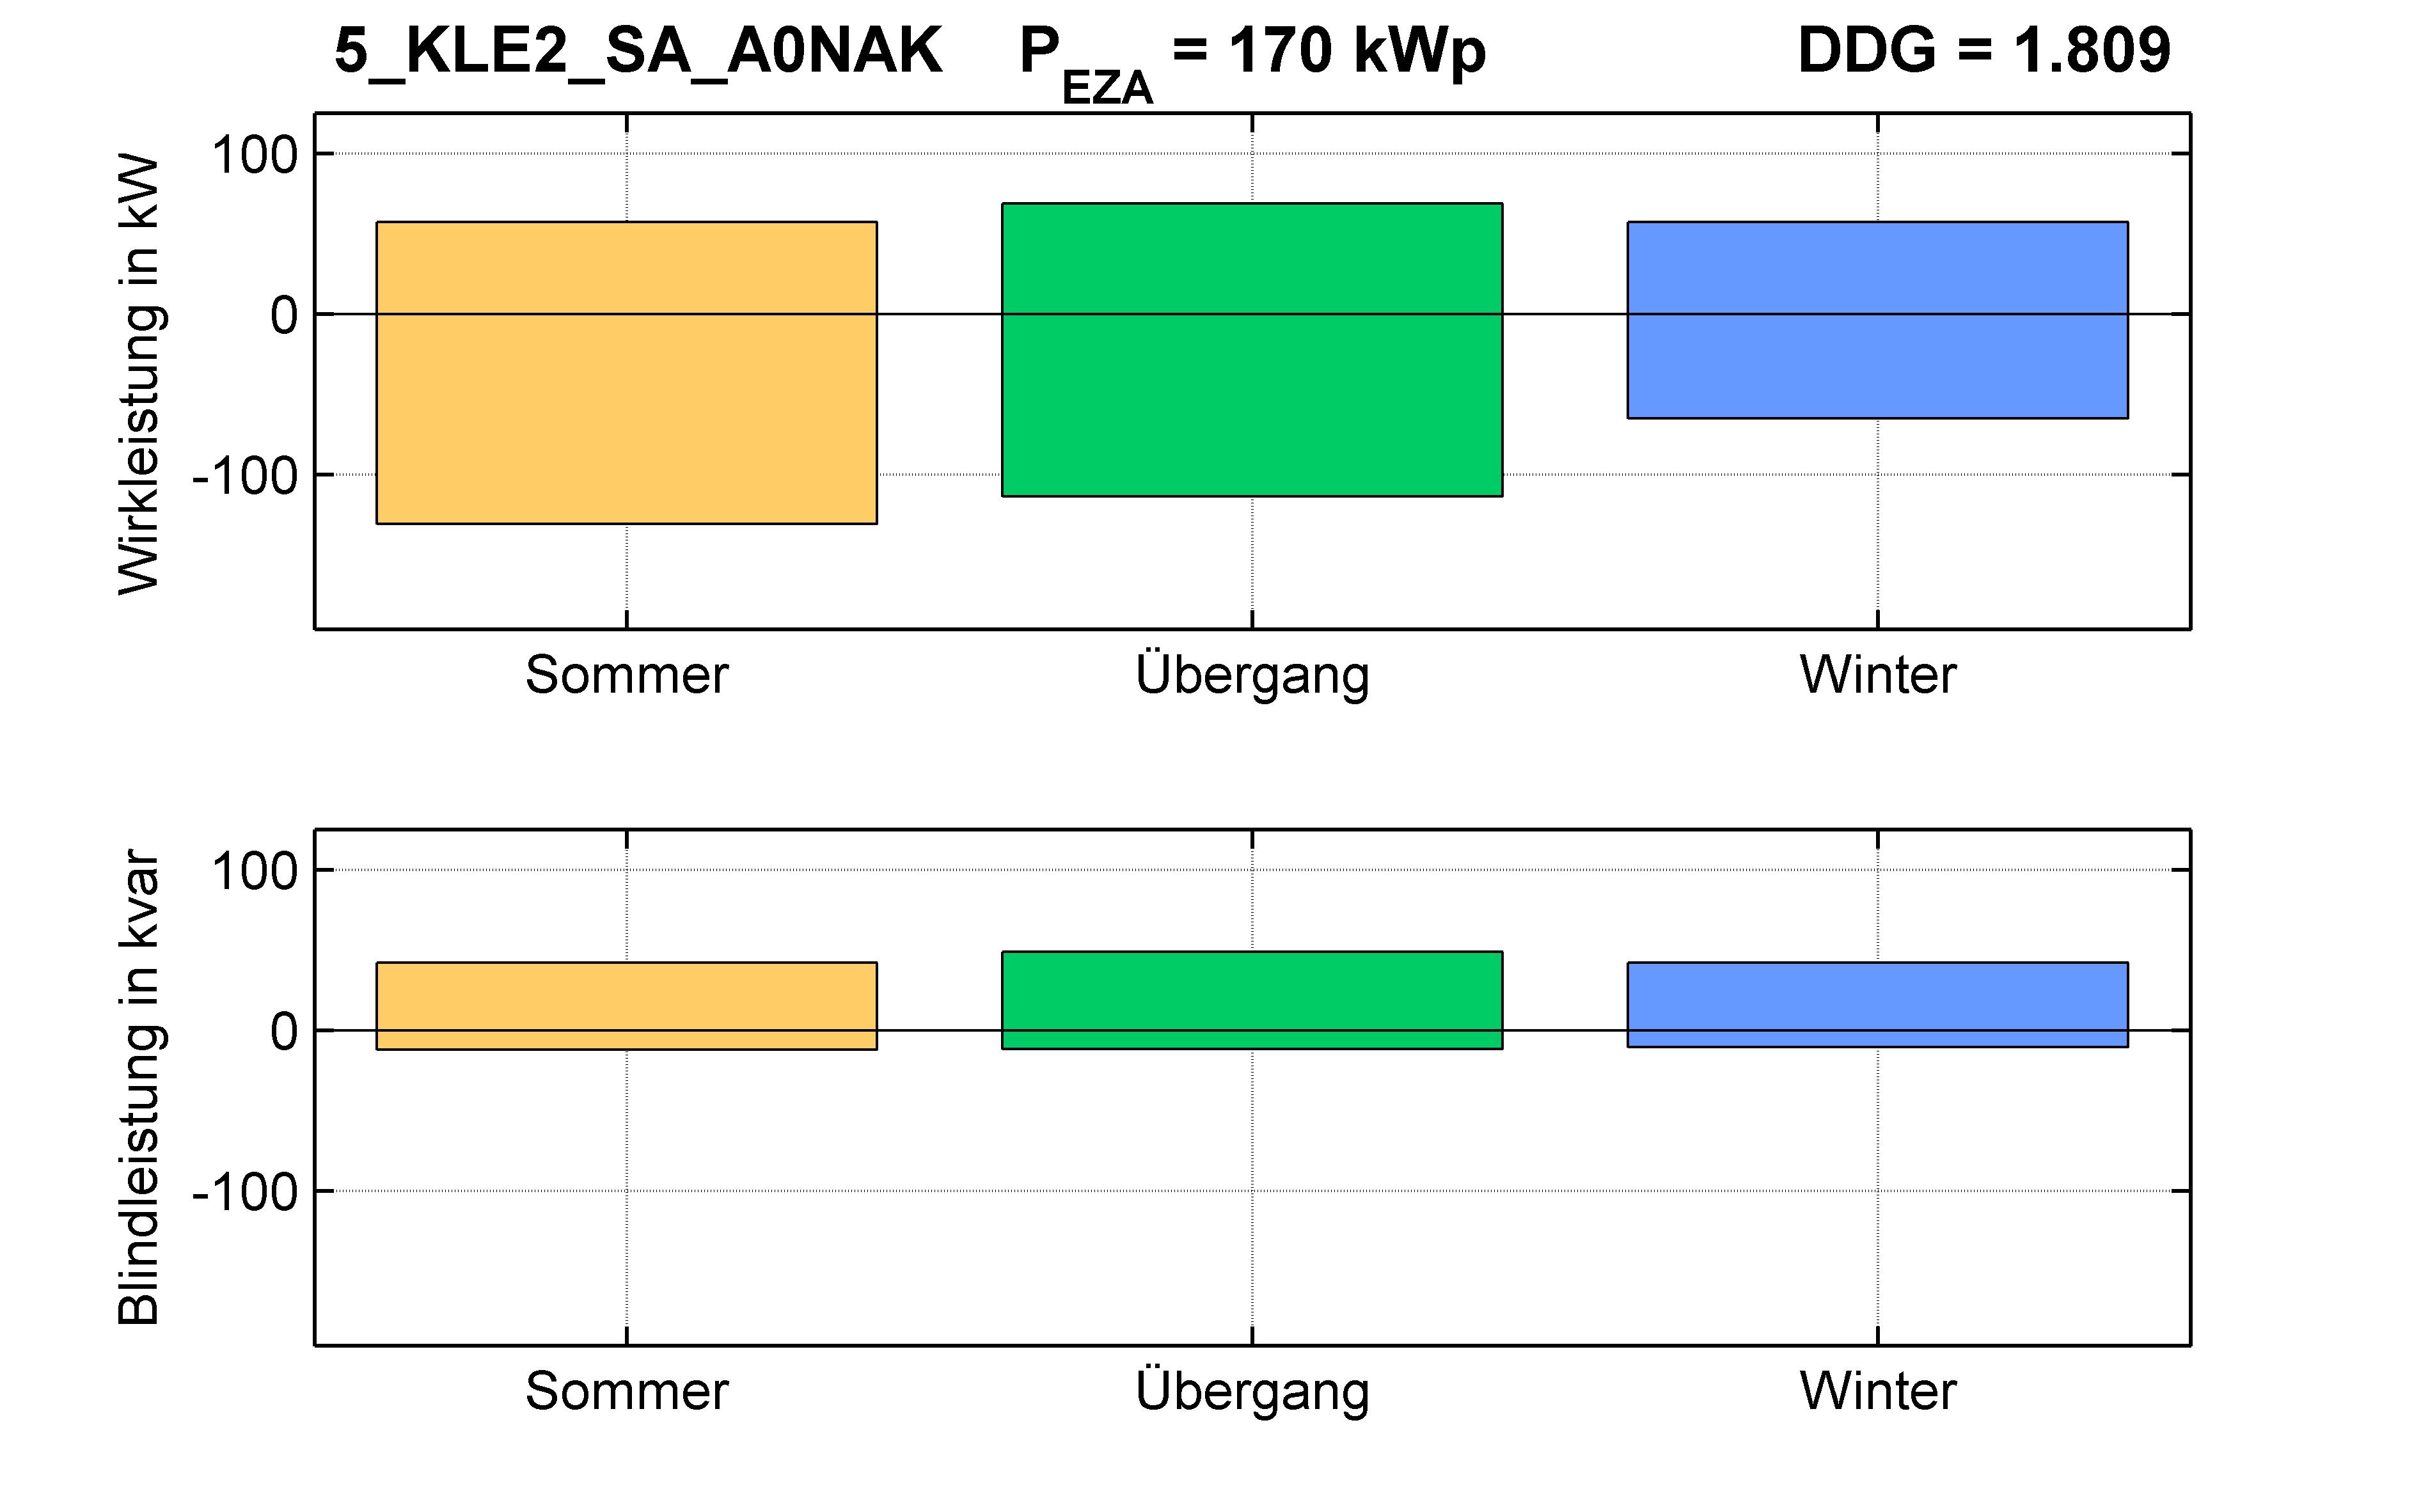 KLE2 | STATION (SA) A0NAK | PQ-Bilanz